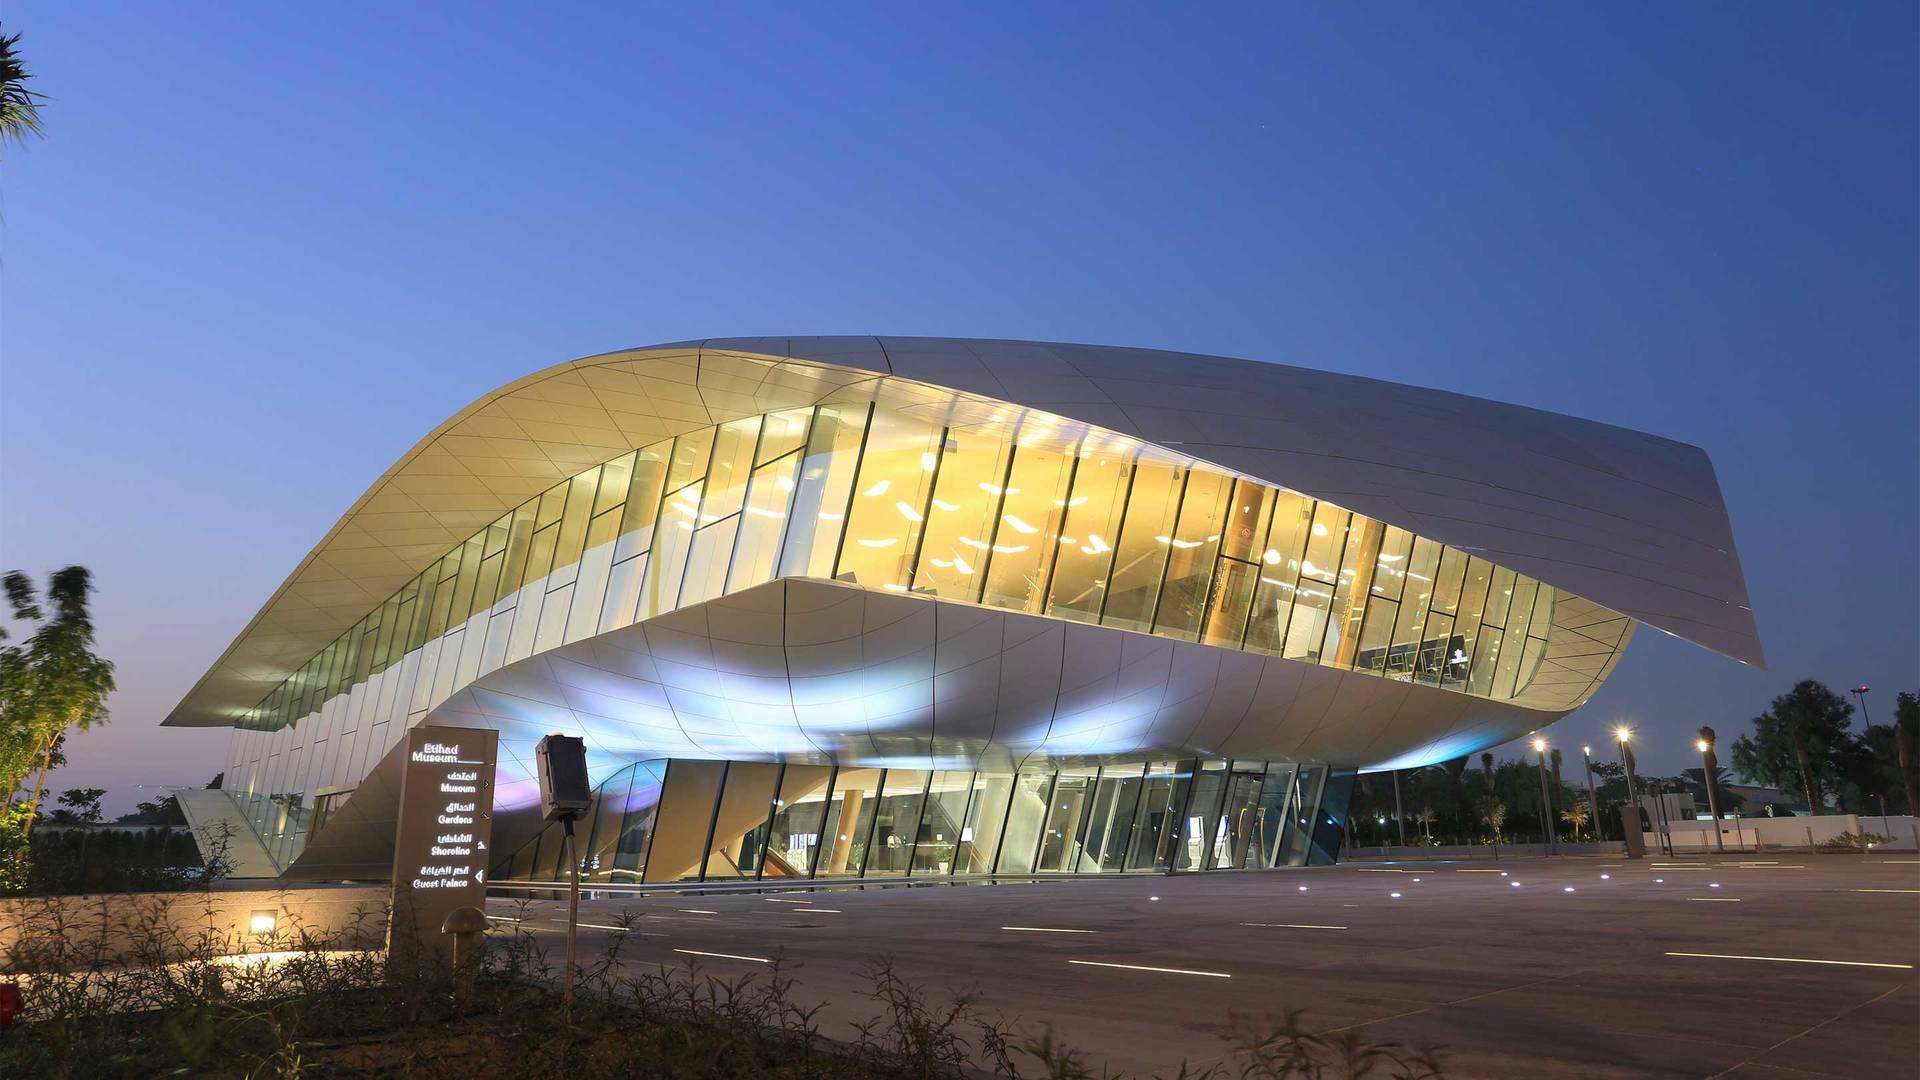 16-9_Etihad-Museum-Credit-Dubai-Tourism-